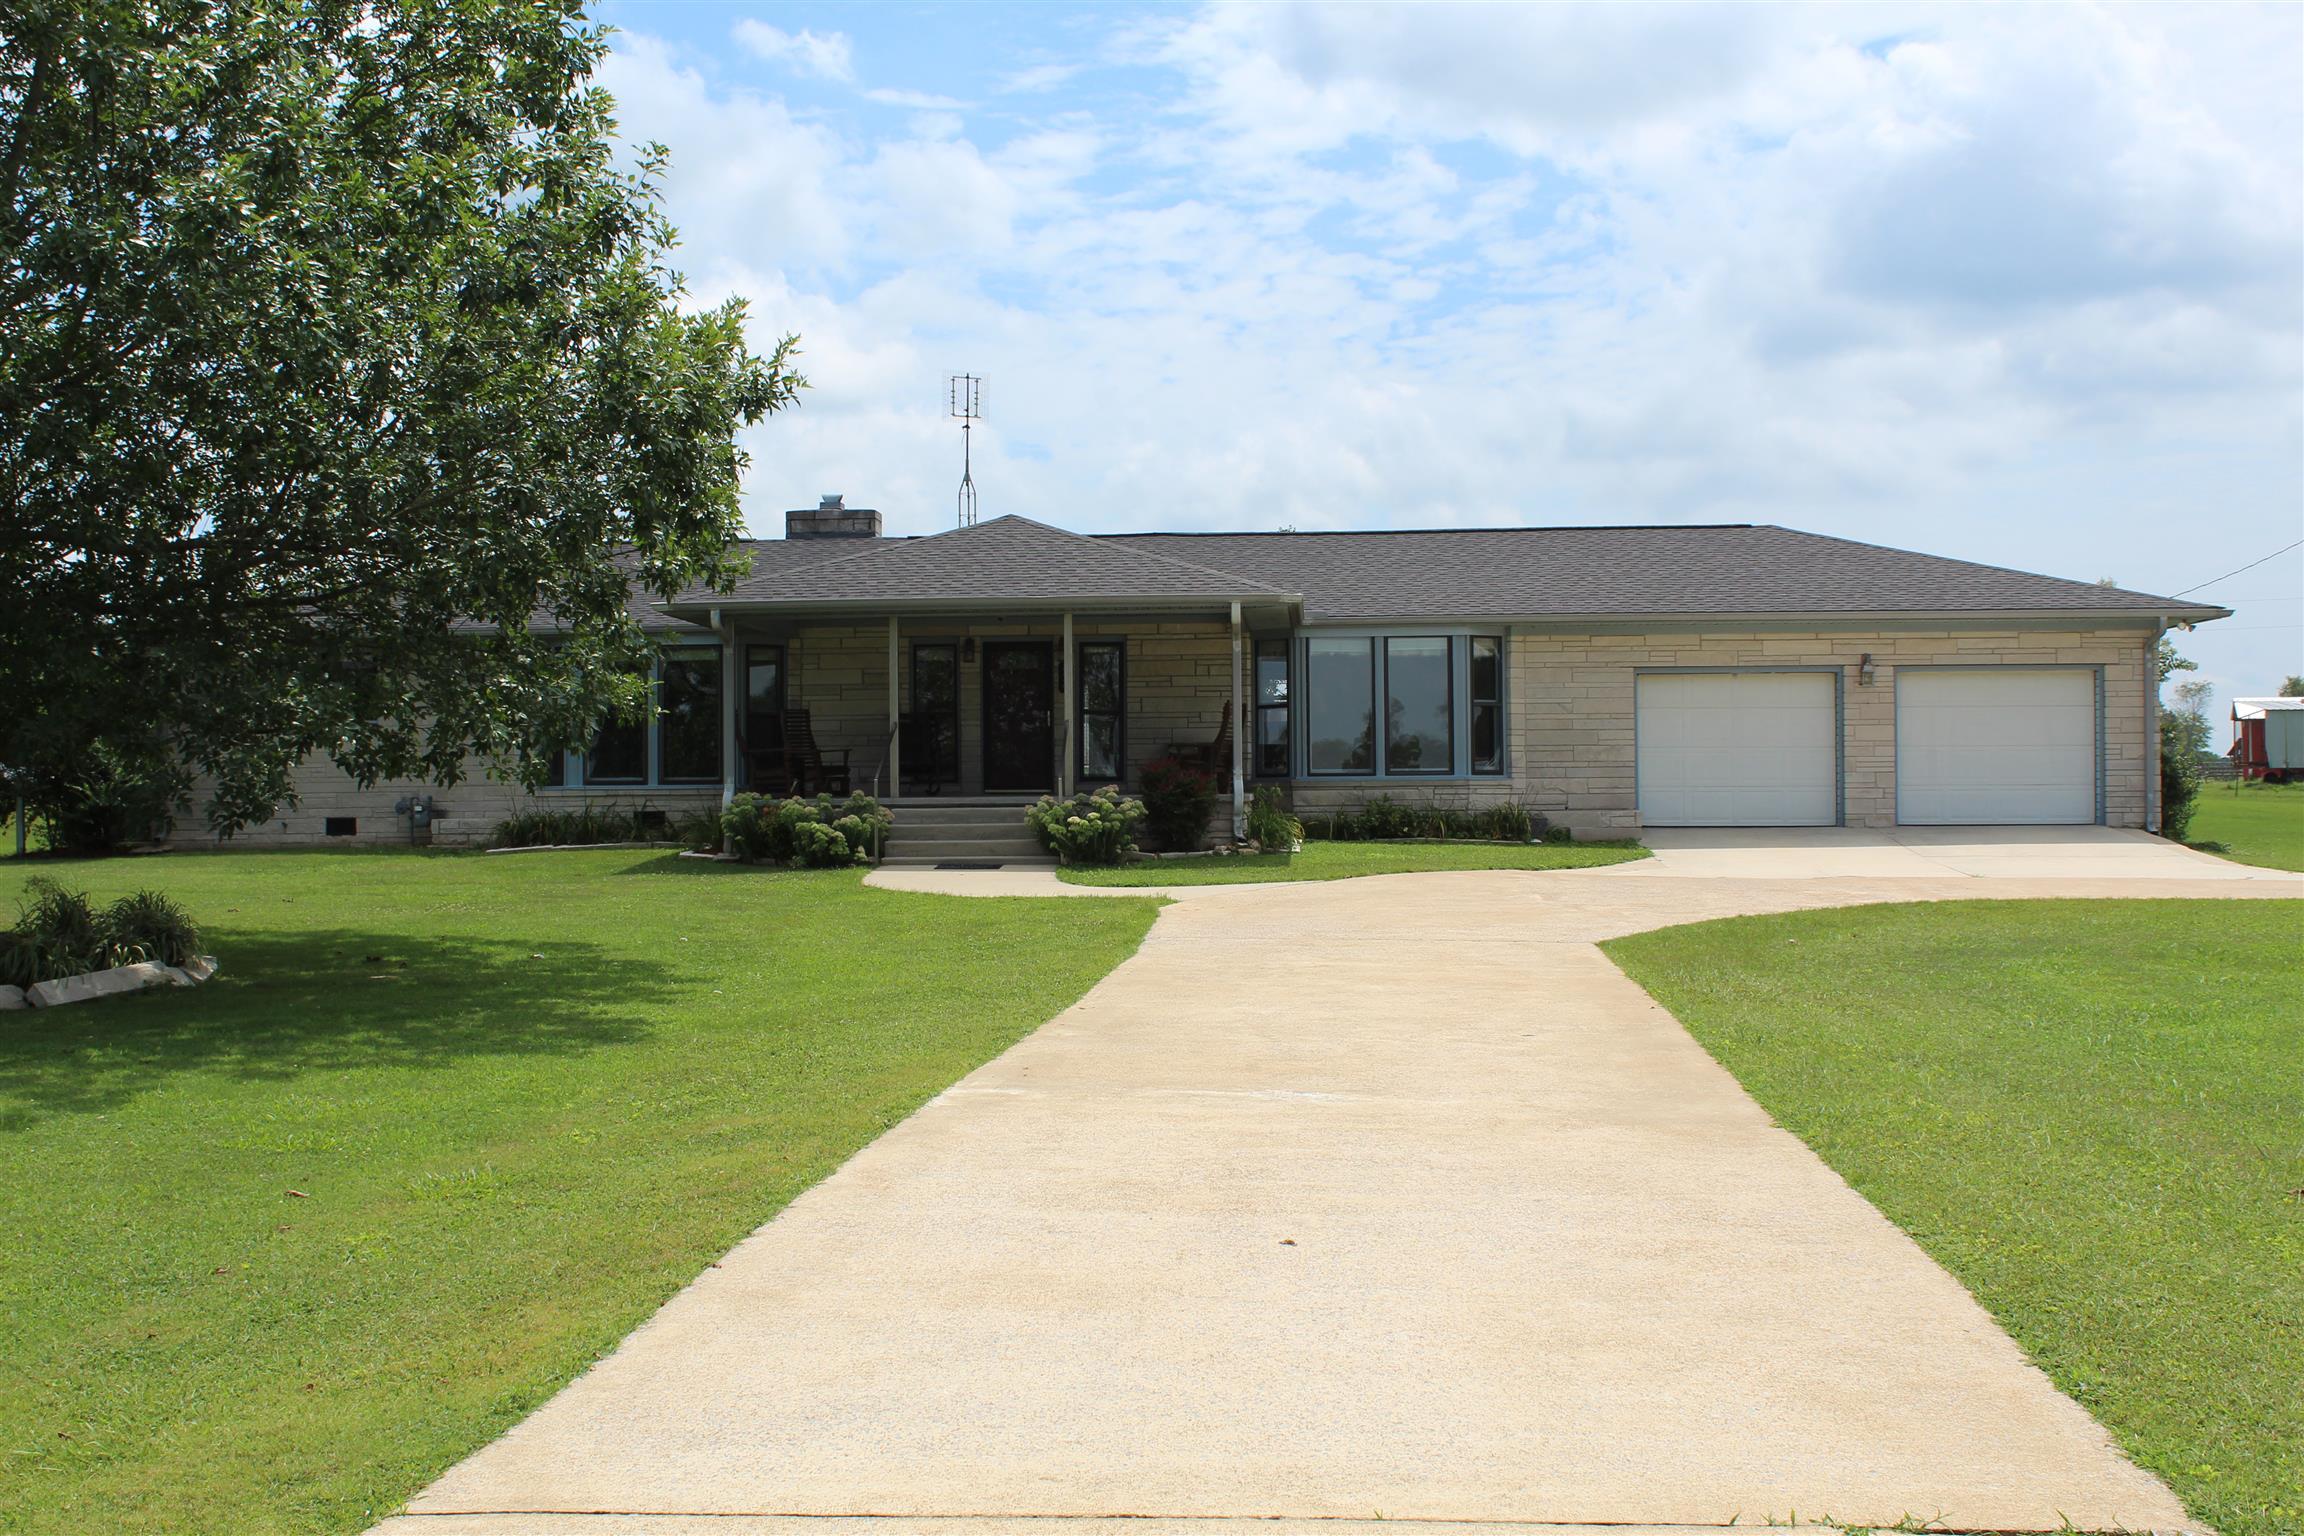 72 County Road 550, Anderson, AL 35610 - Anderson, AL real estate listing